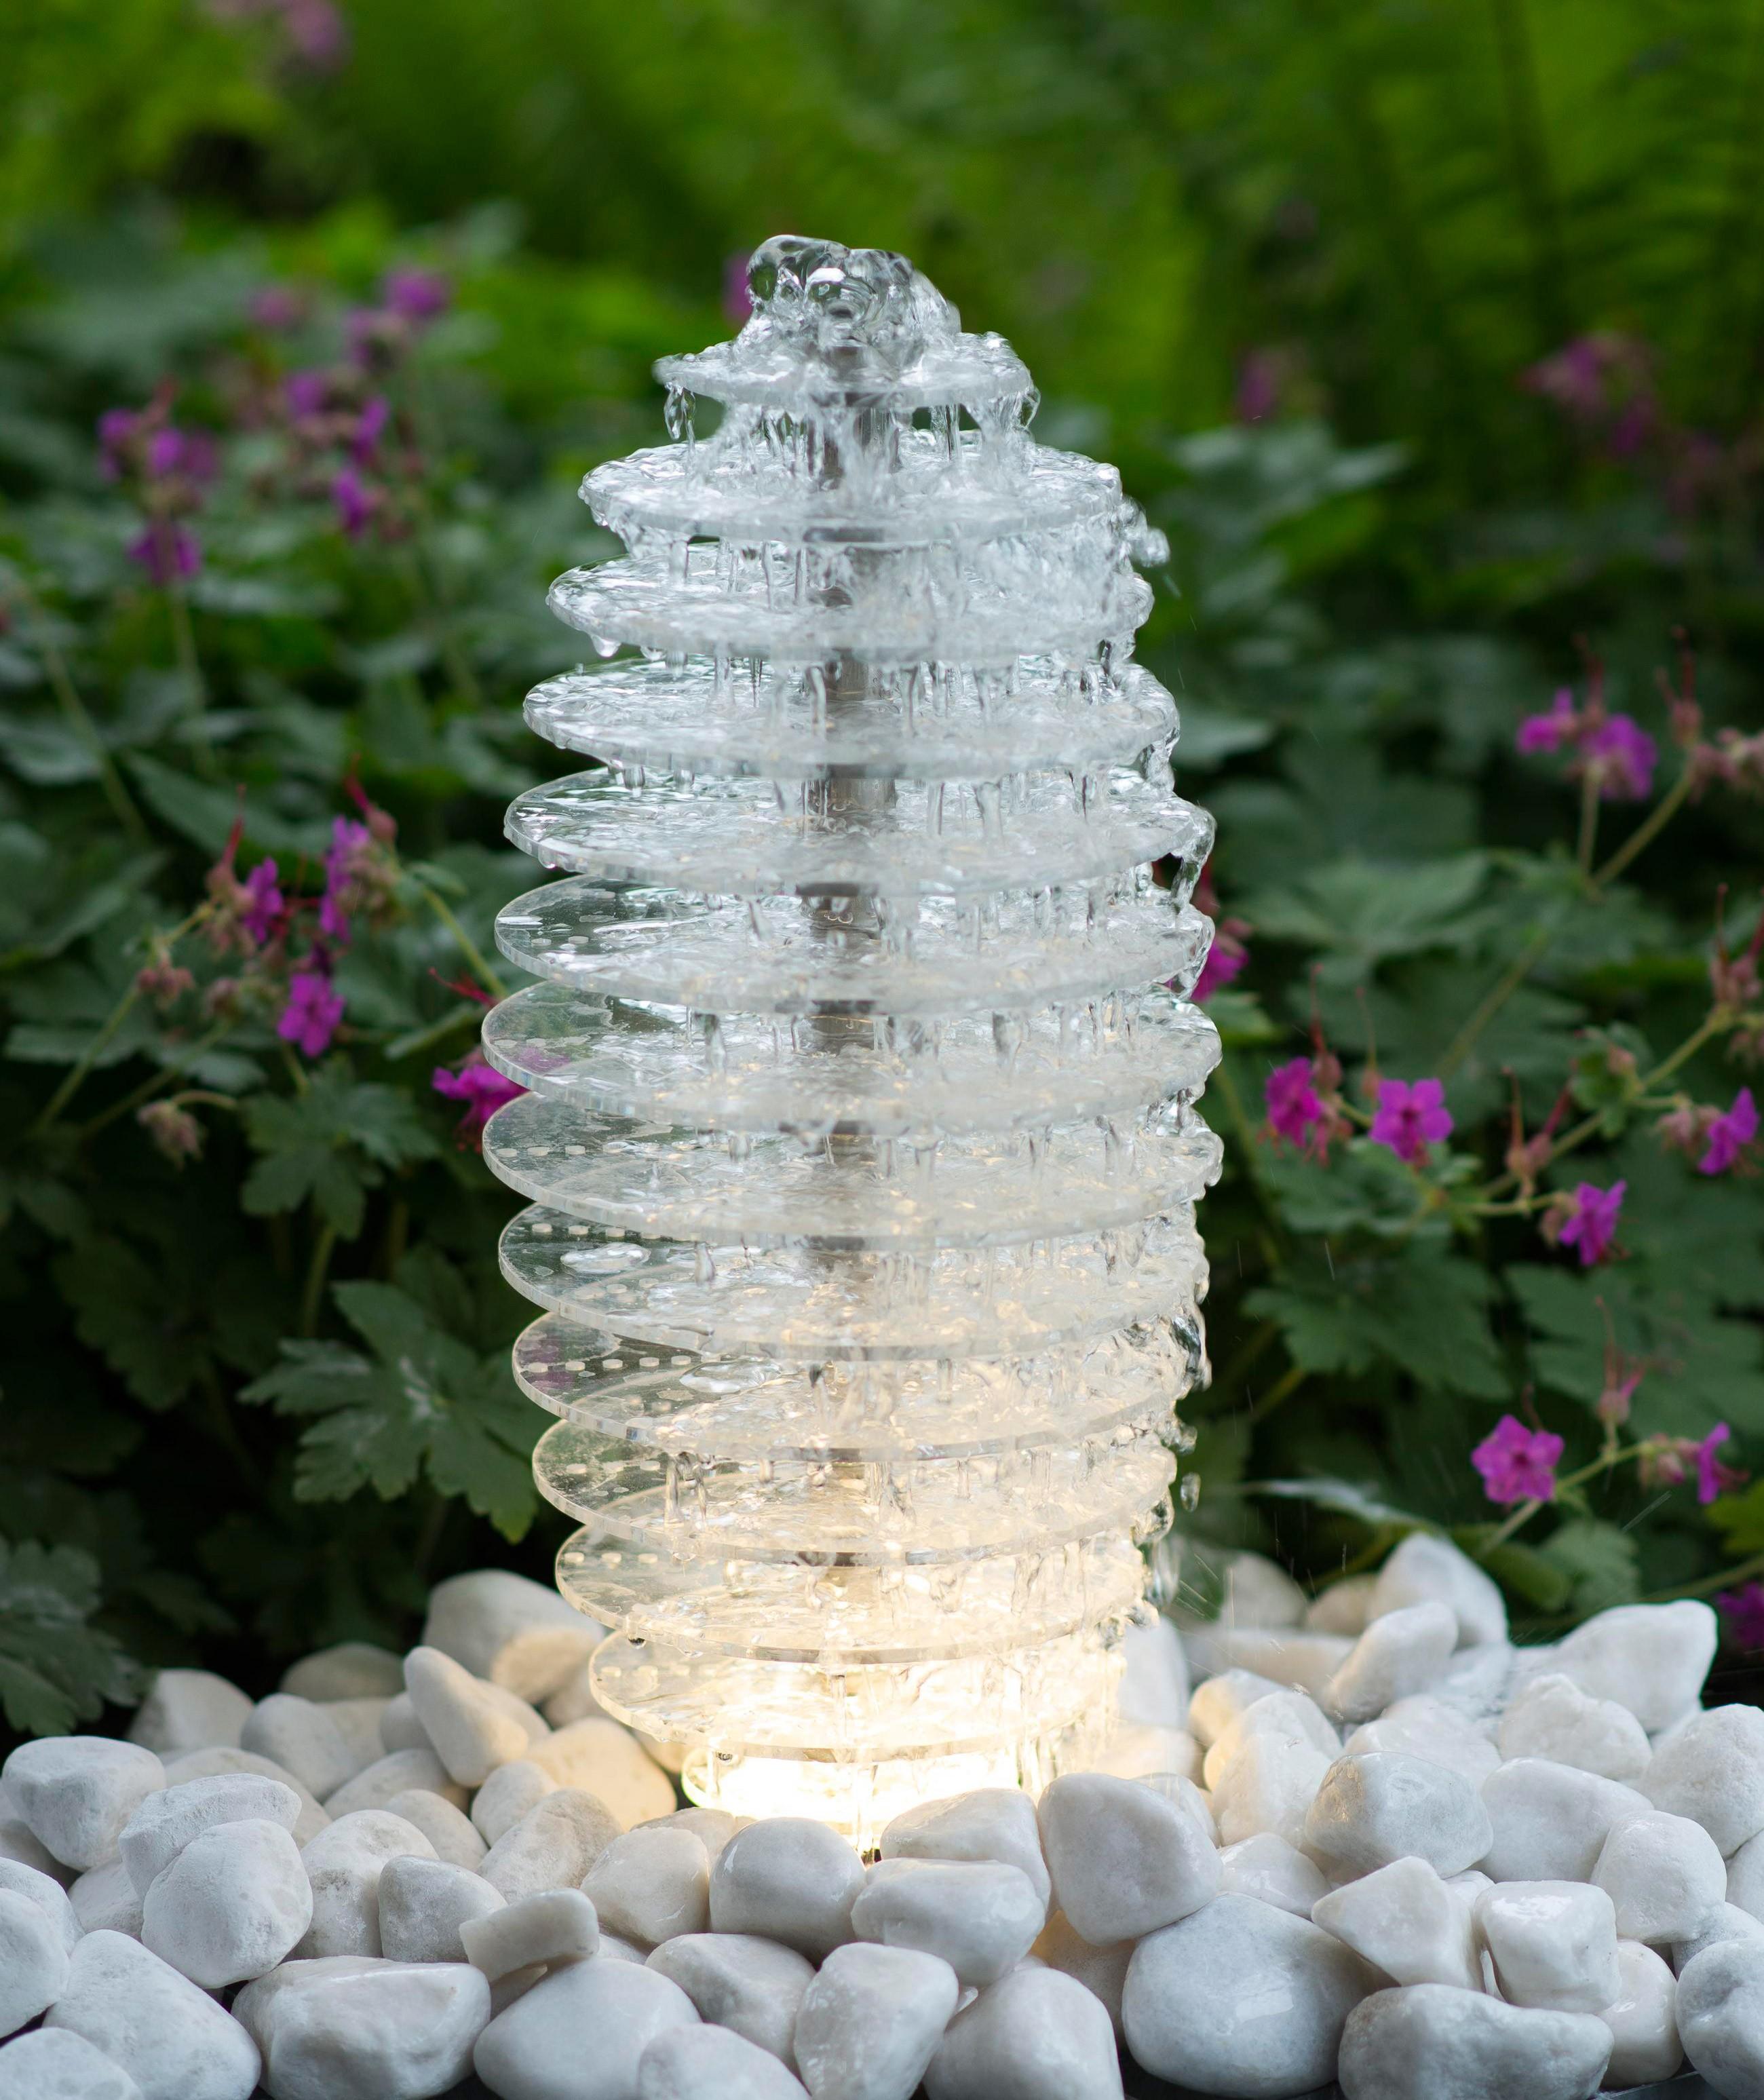 Wasserspiel / Gartenbrunnen Ubbink AcquaArte Mires Acryl / Edelstahl Bild 1